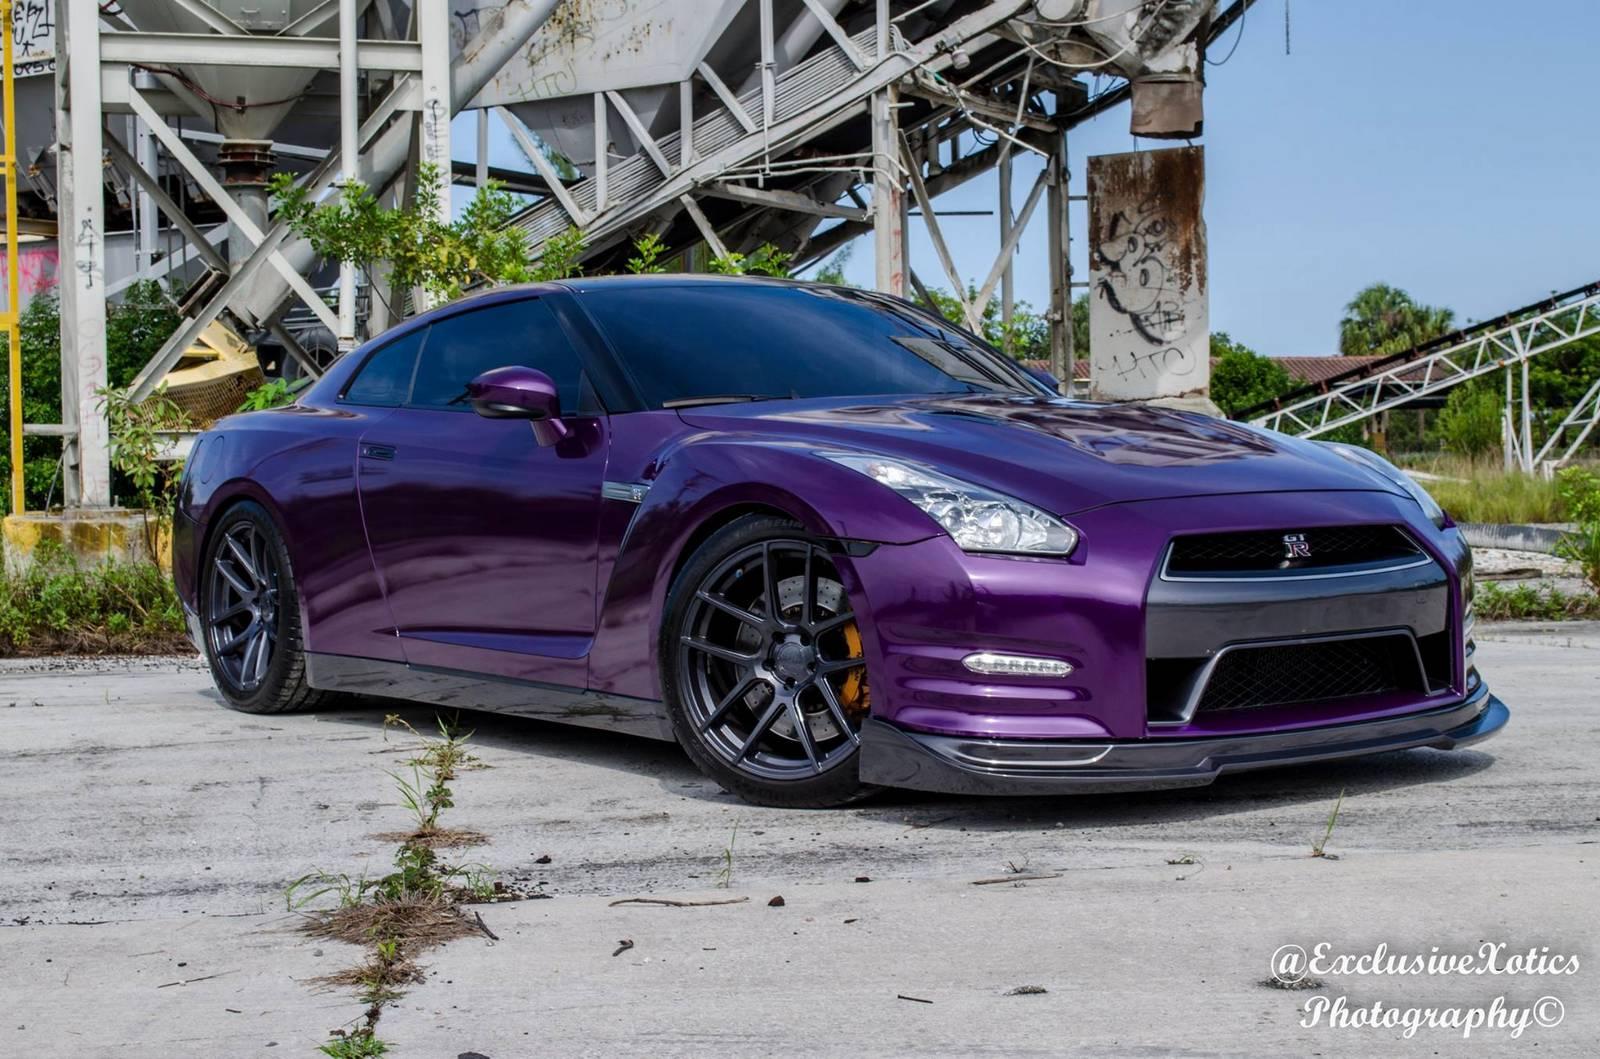 Purple Nissan GT R Lowered On Velgen Wheels